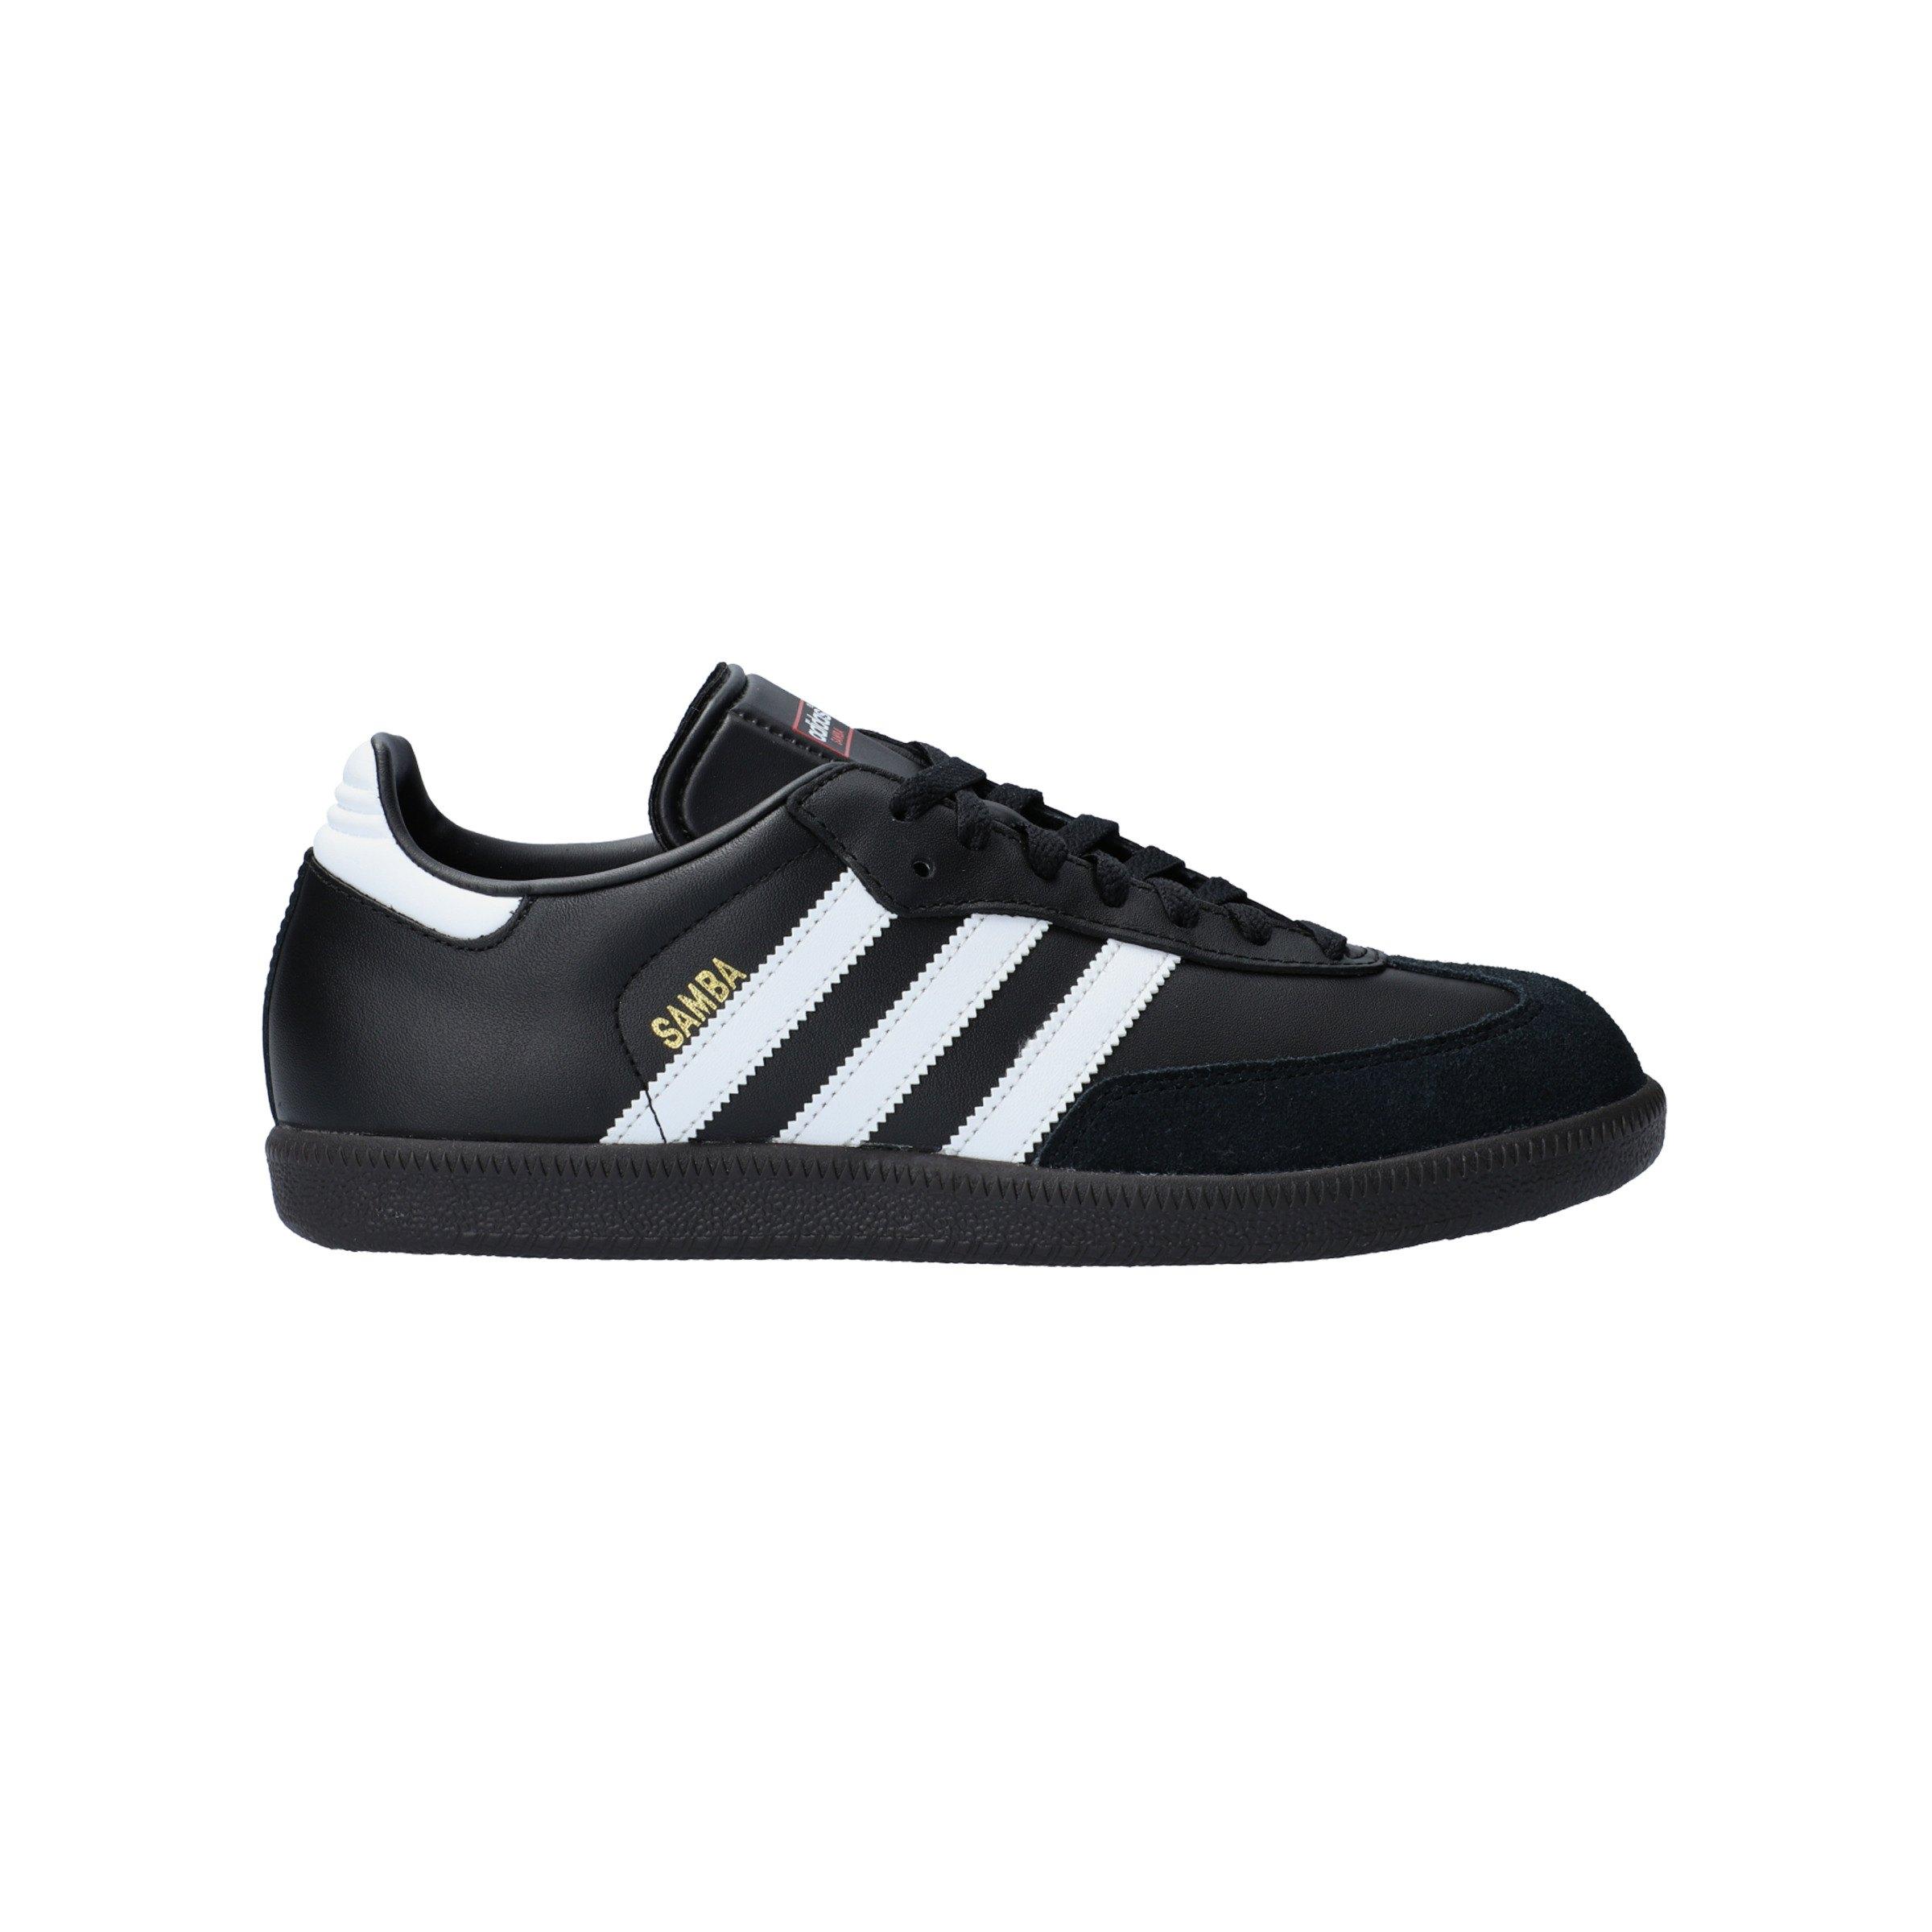 adidas Samba Hallenschuh Leder Schwarz Weiss | - schwarz